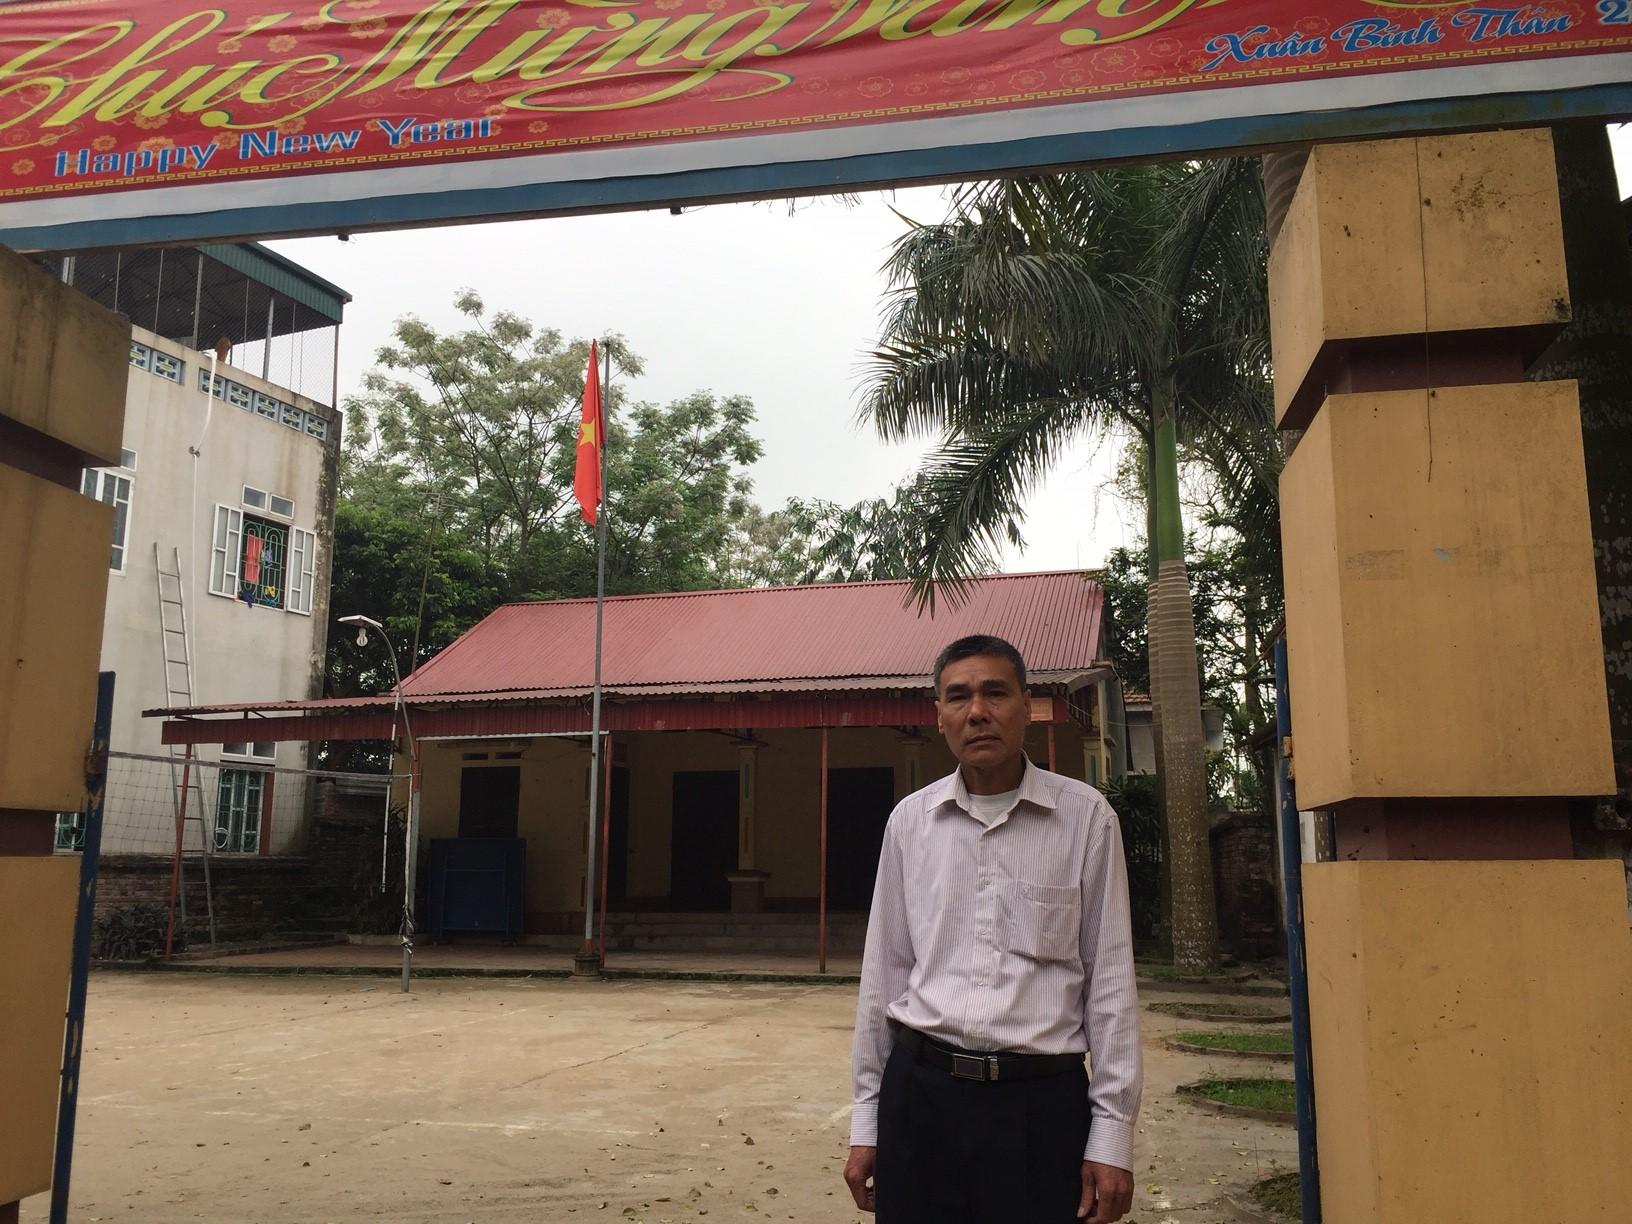 Ông Dương Văn Giáp đứng trước thửa đất 360m2 bị Ủy ban nhân dân xã Hương Nộn thu hồi năm 2000